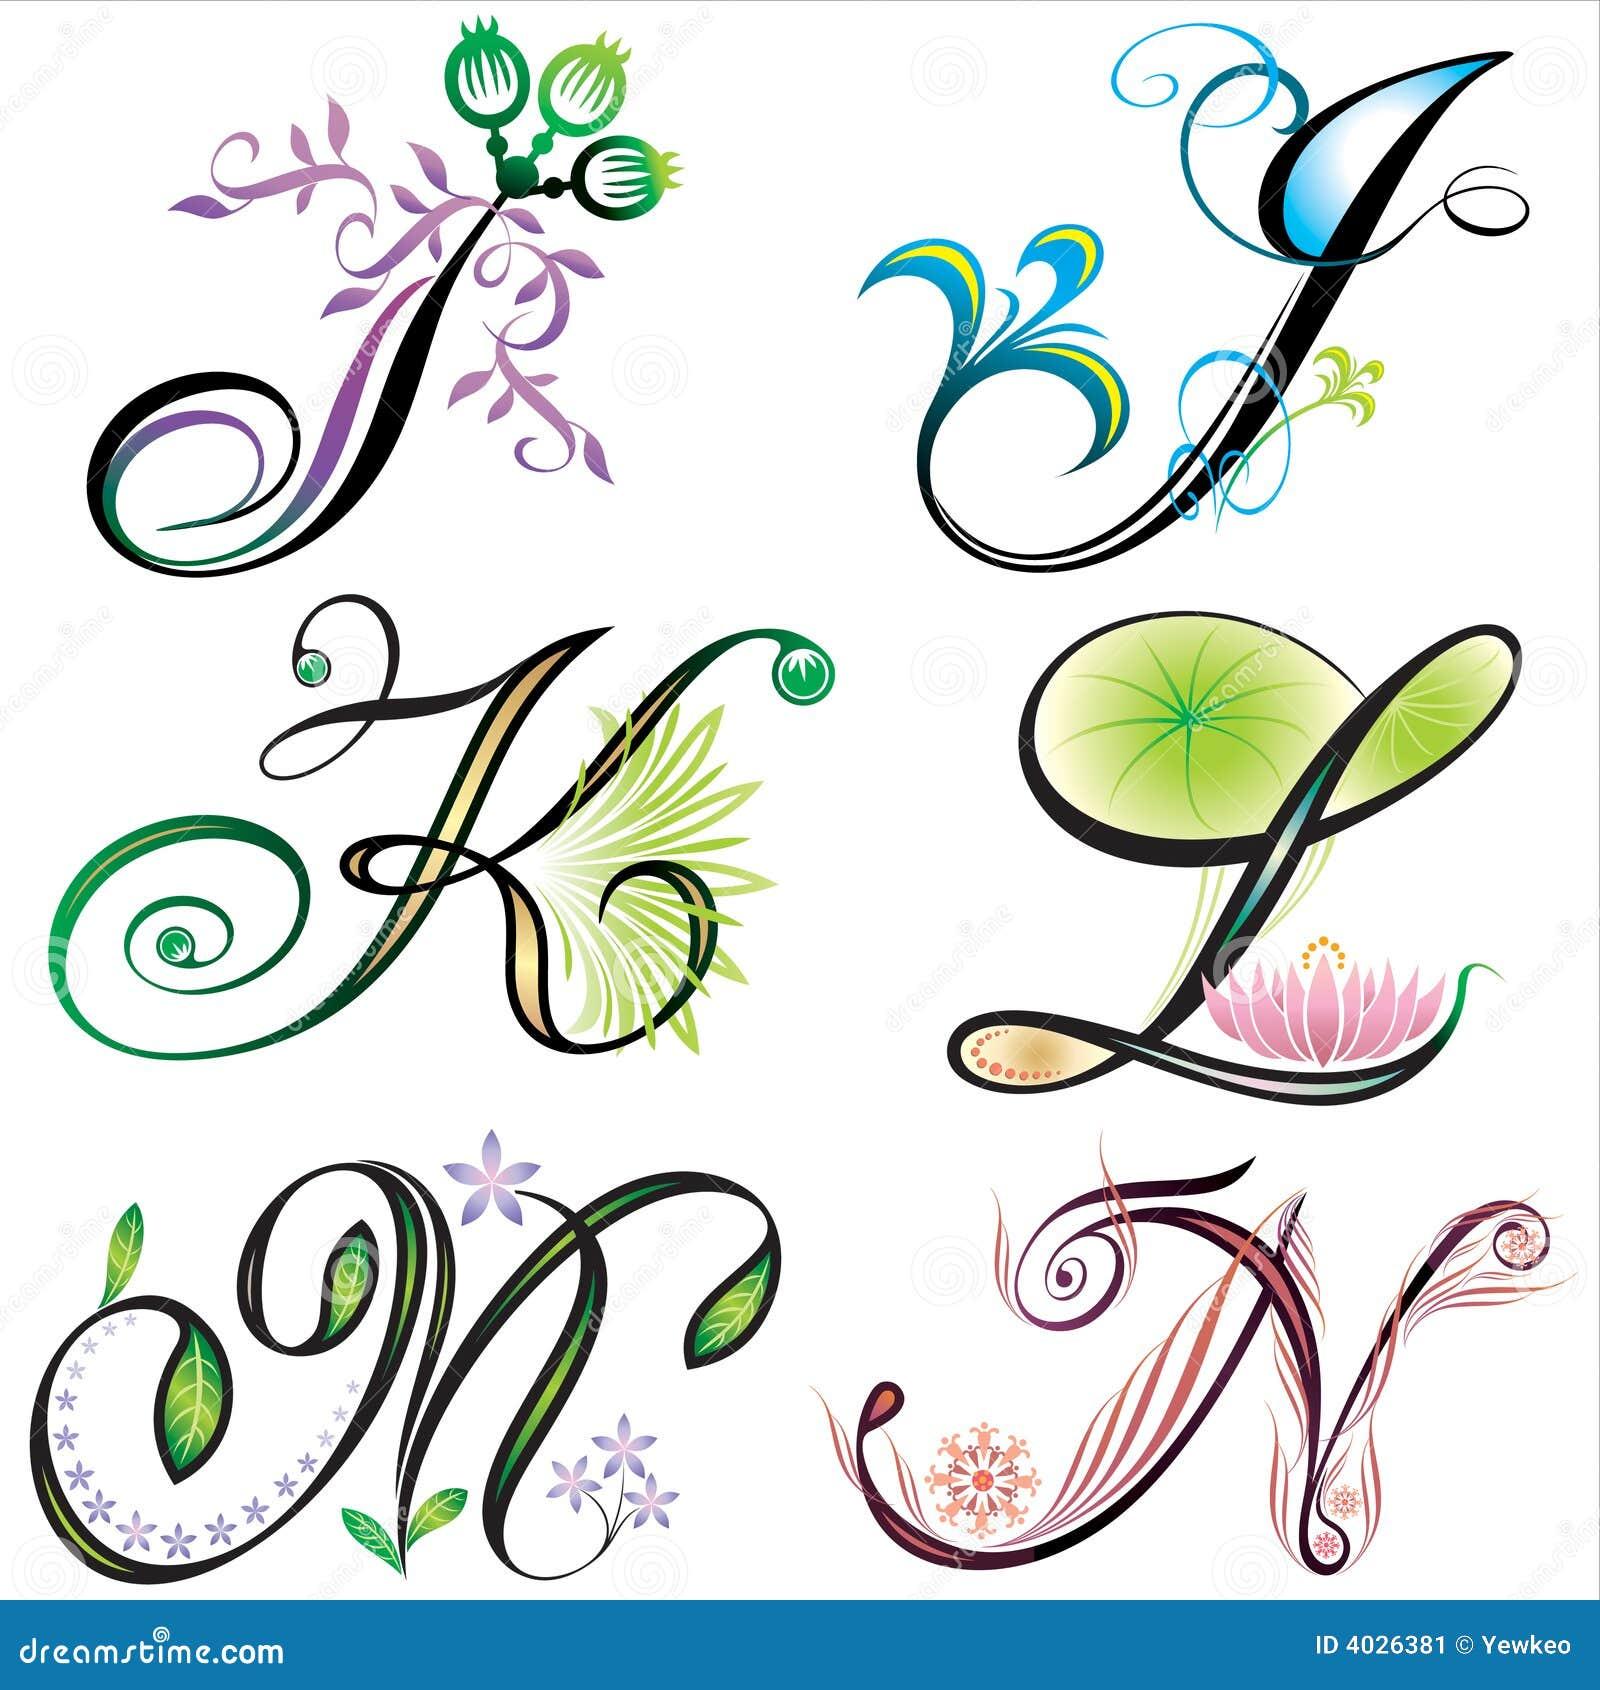 Z Alphabet Designs Alphabets elements design - s